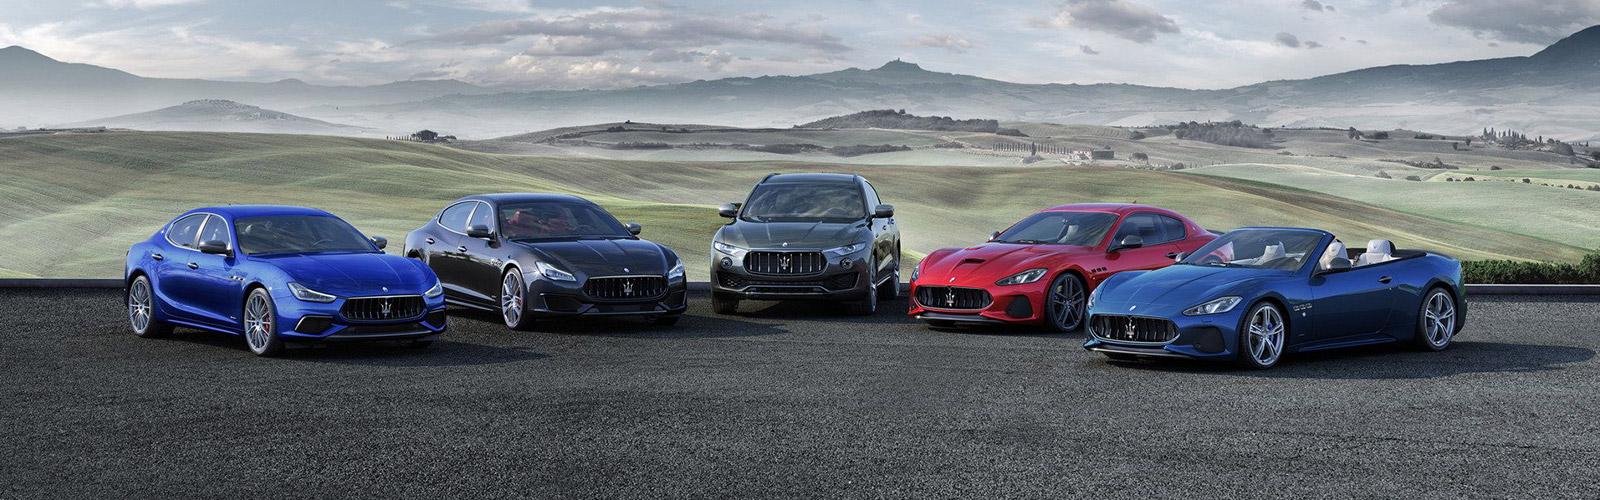 FCA Patronu: Maserati'de bazı hatalar yapıldı